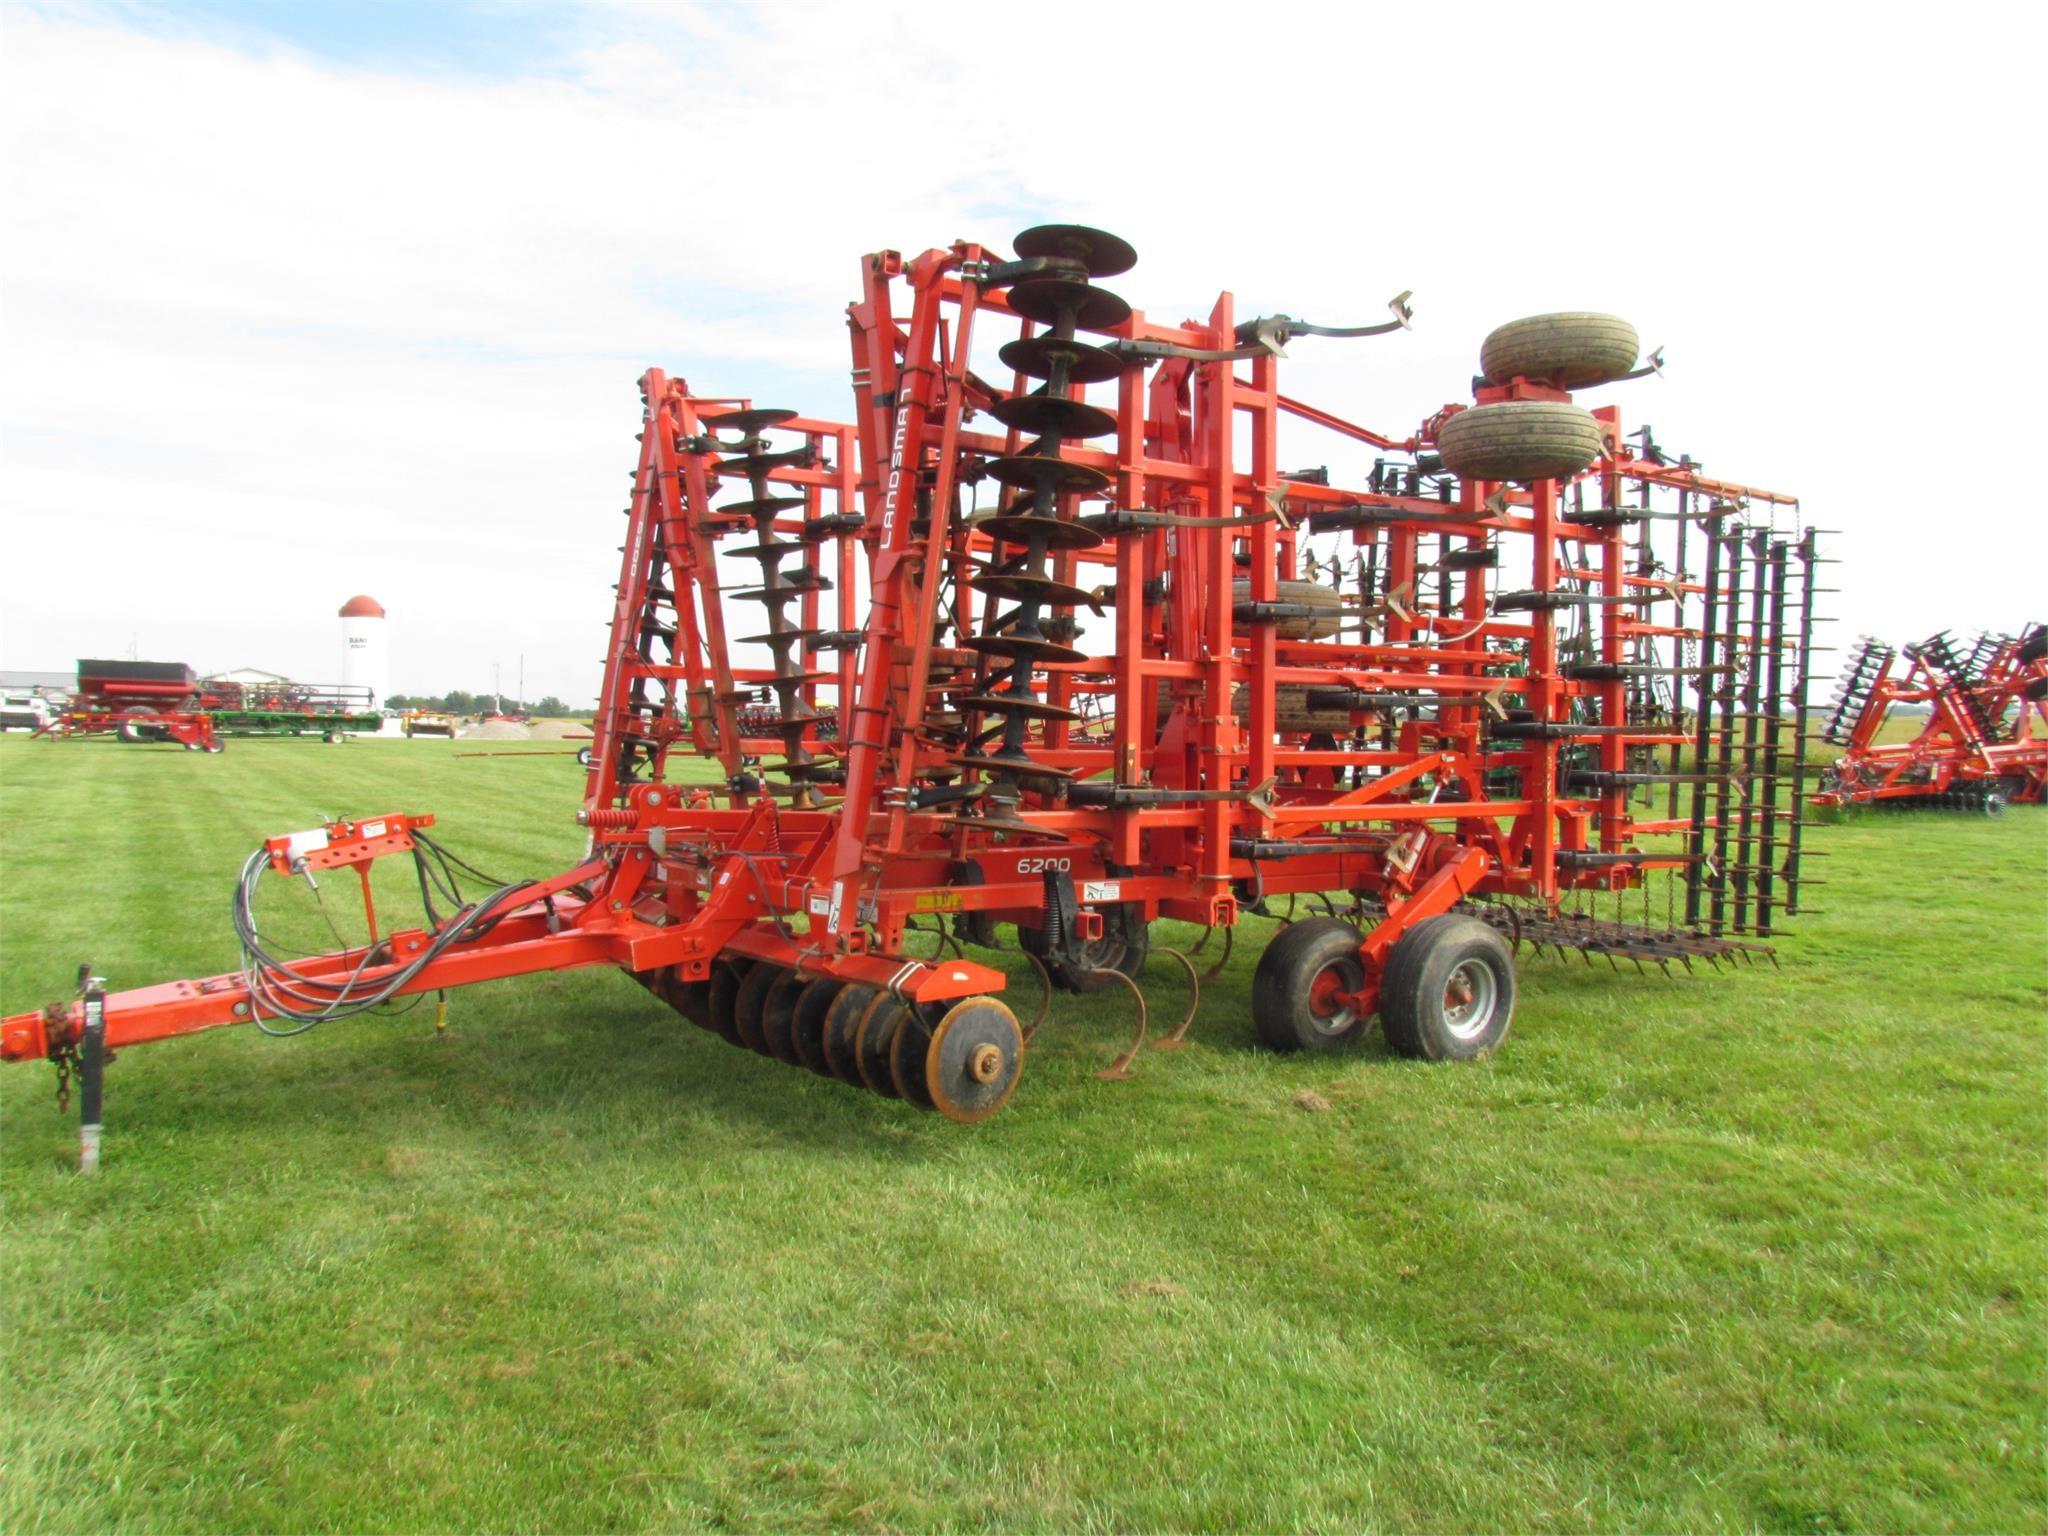 2013 Krause Landsman TL6200-45 Soil Finisher